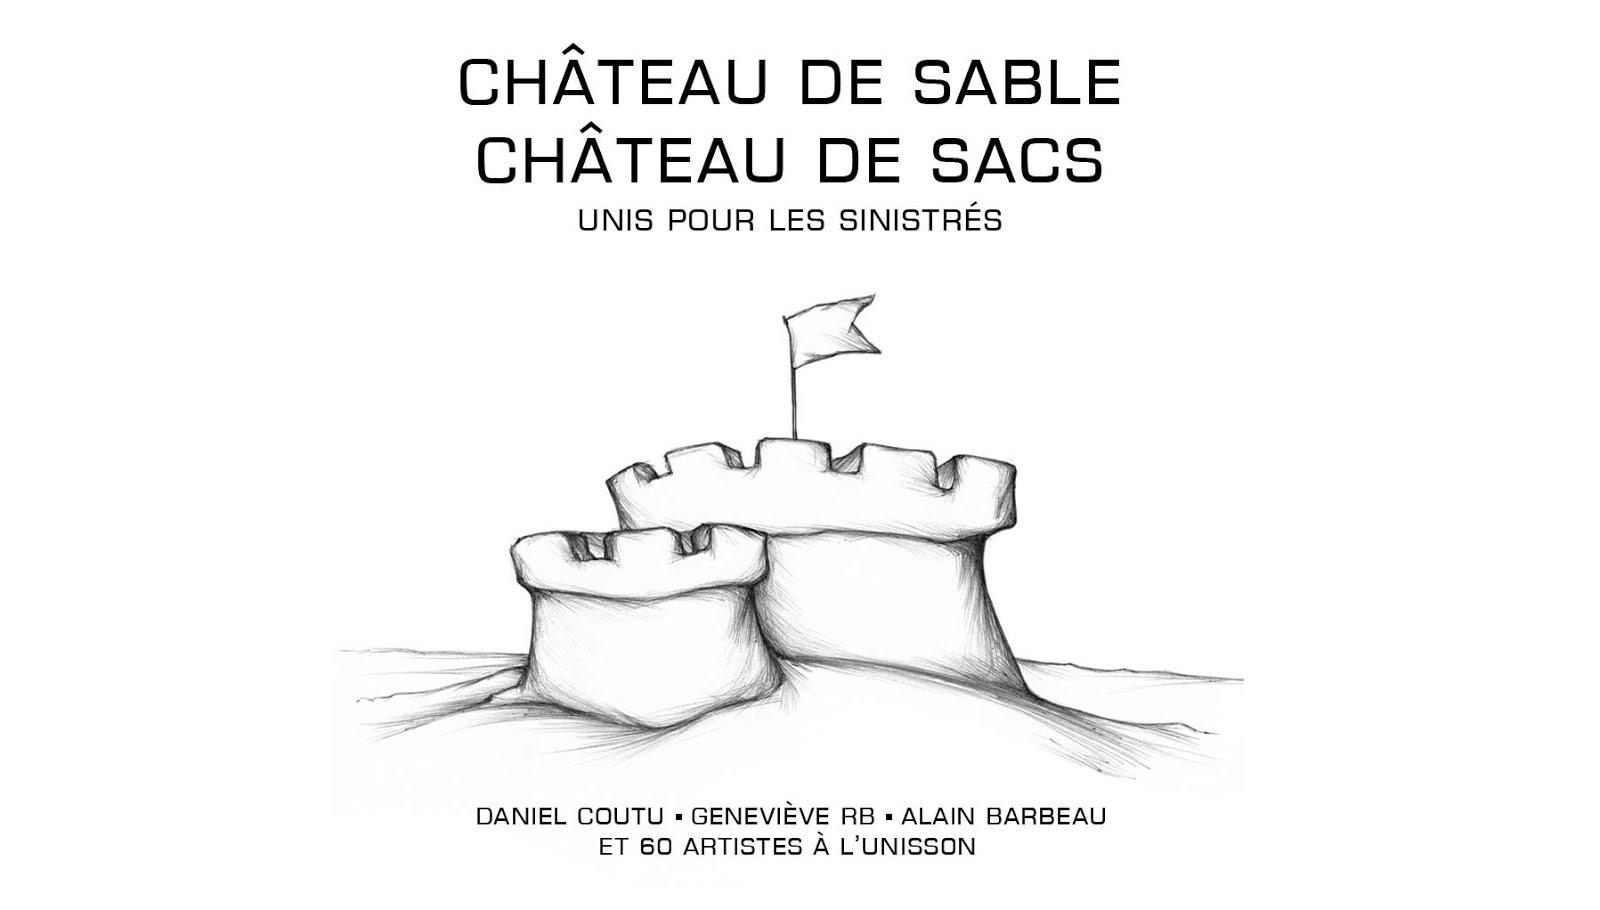 Château de sable. Château de sacs.